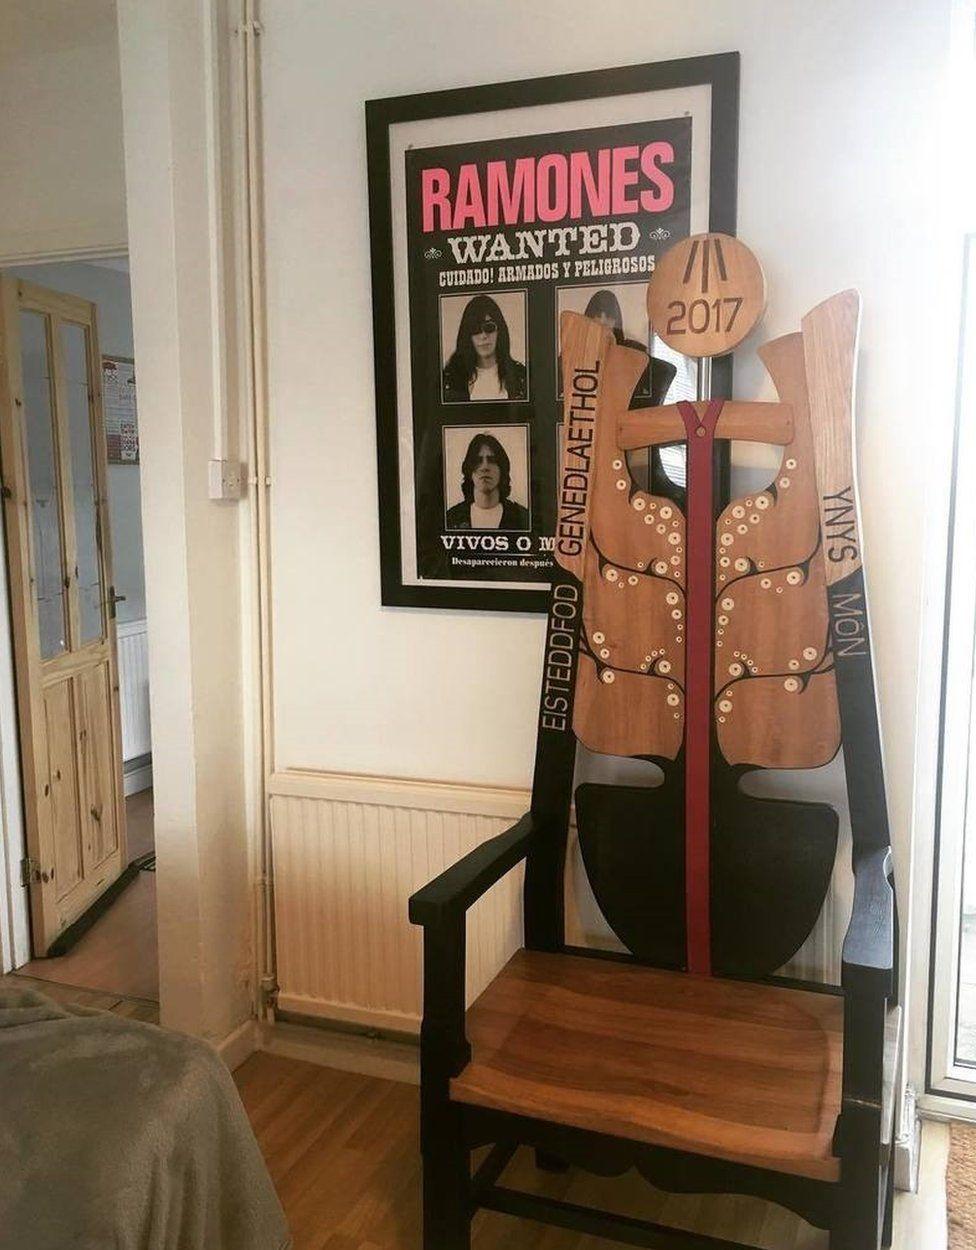 Cadair Eisteddfod Sir Fôn eleini yn ei chartref newydd, o dan poster y Ramones